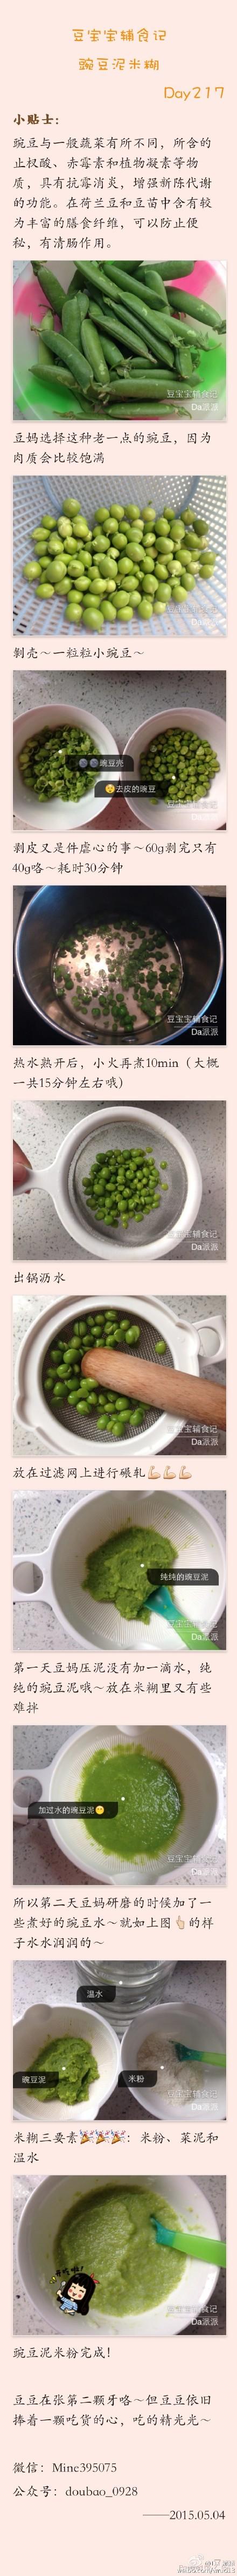 豌豆泥米糊适合7个月以上的宝宝,豌豆富含丰富的营养,一次不要吃太多,容易胀气哦